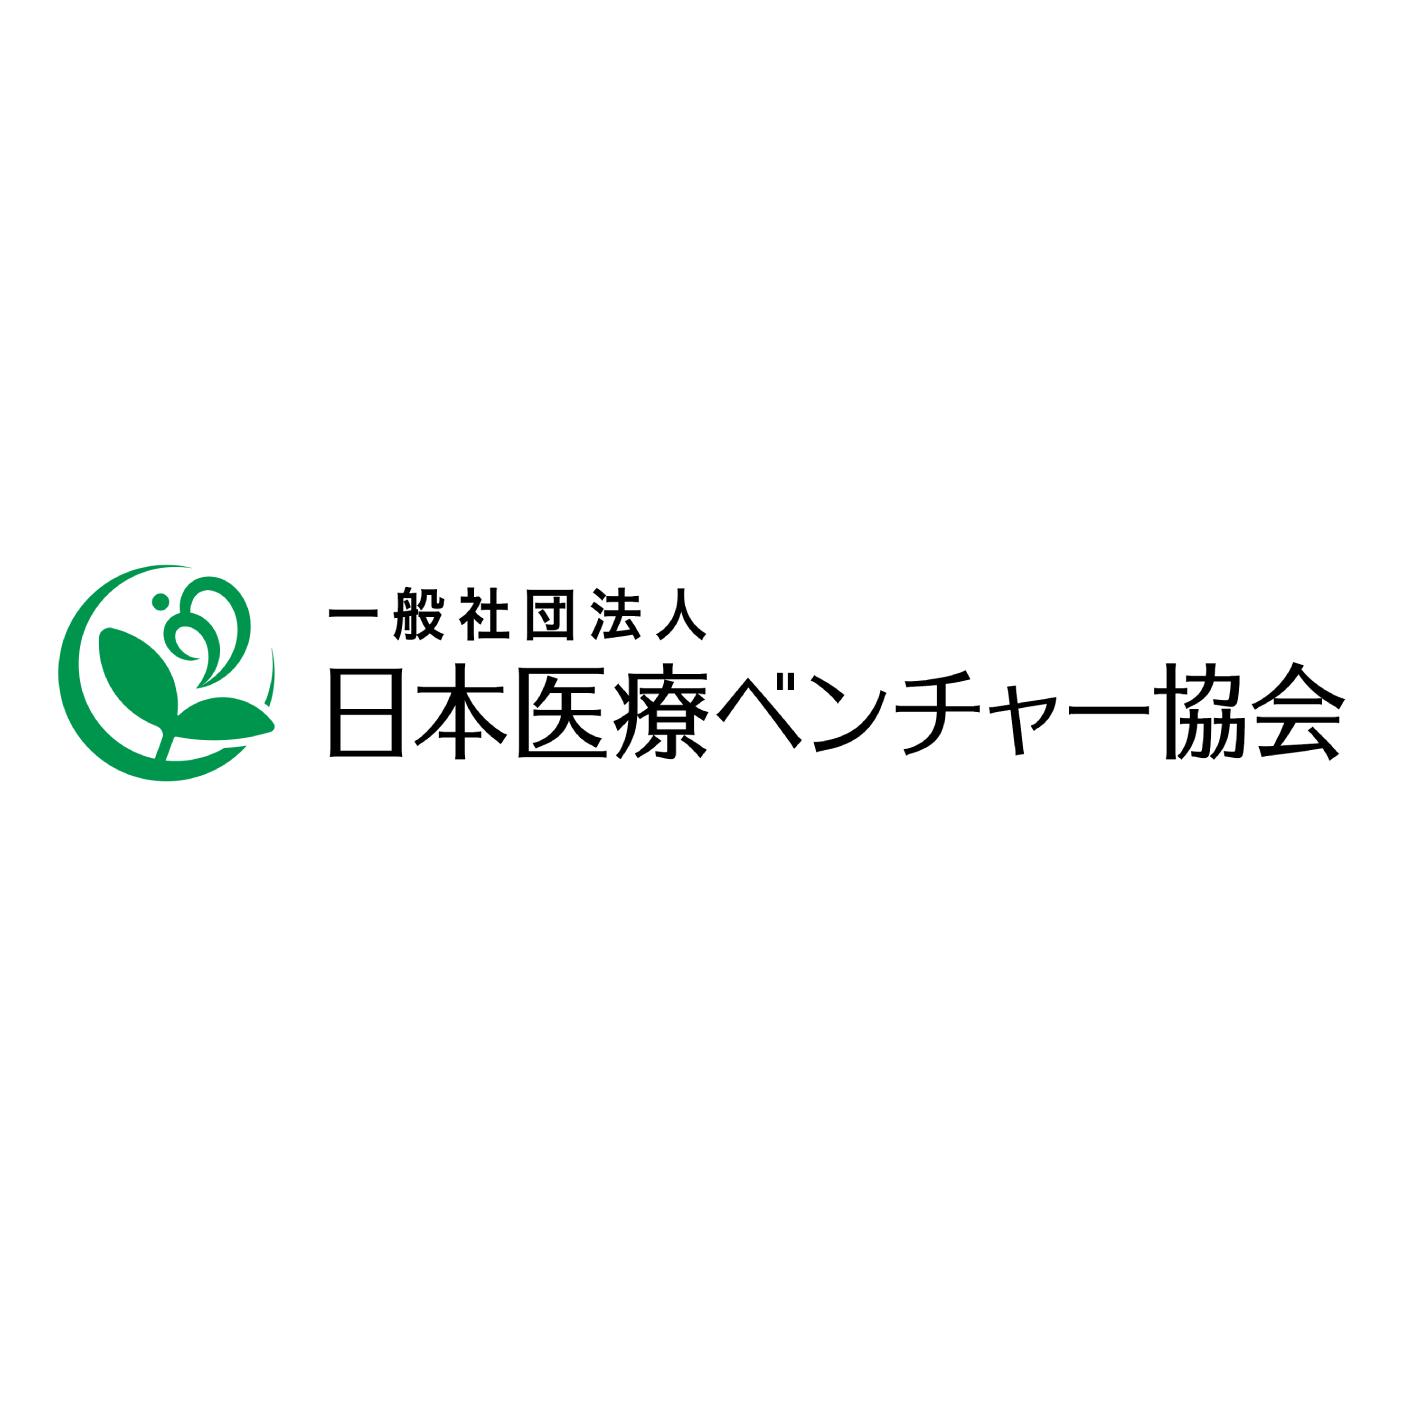 Japan Medical Venture Association